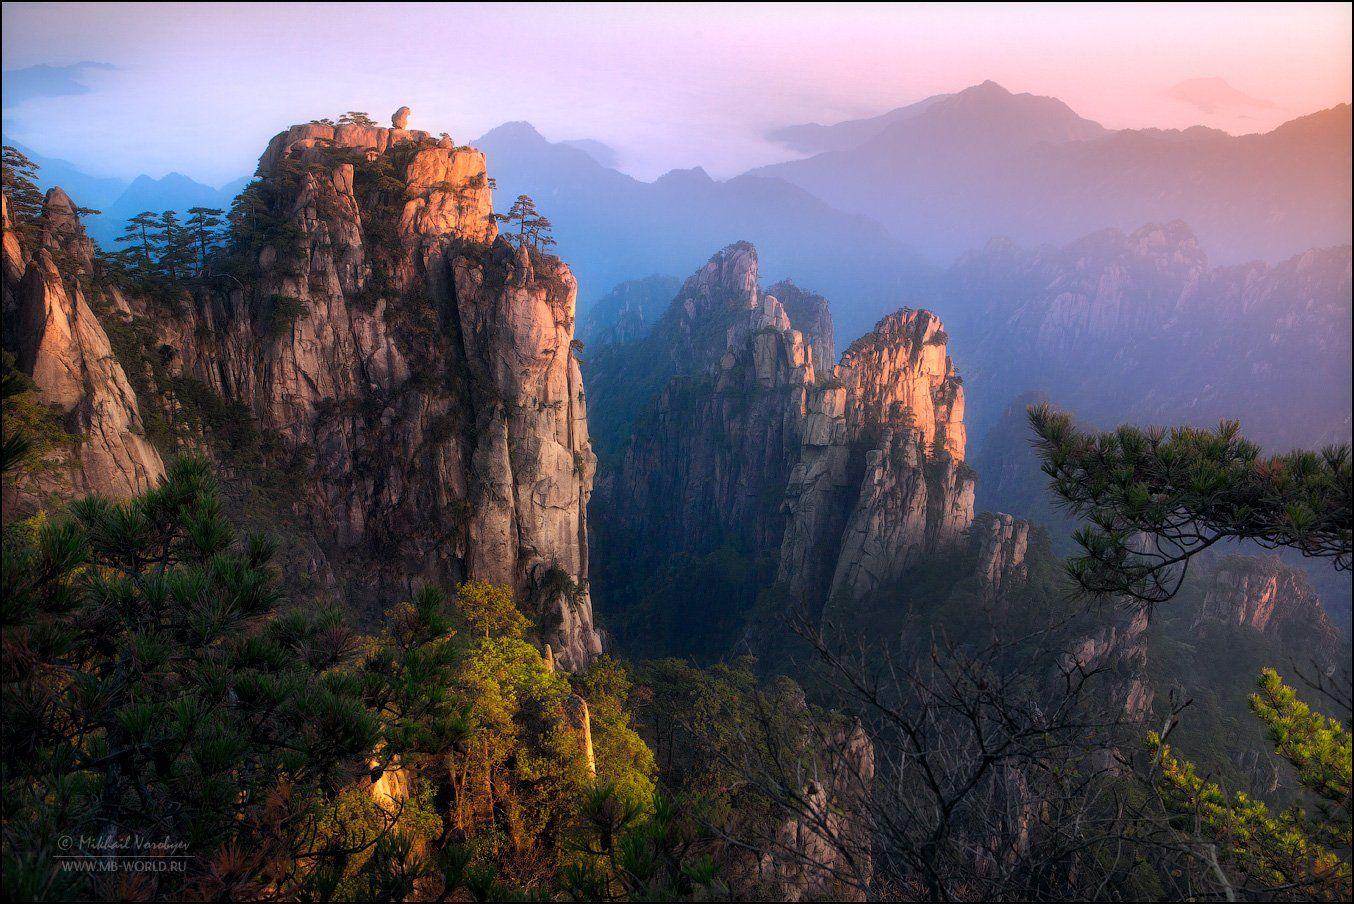 Китай, Анхой, горы, Хуаншань, пейзаж, рассвет, фототур, Михаил Воробььев